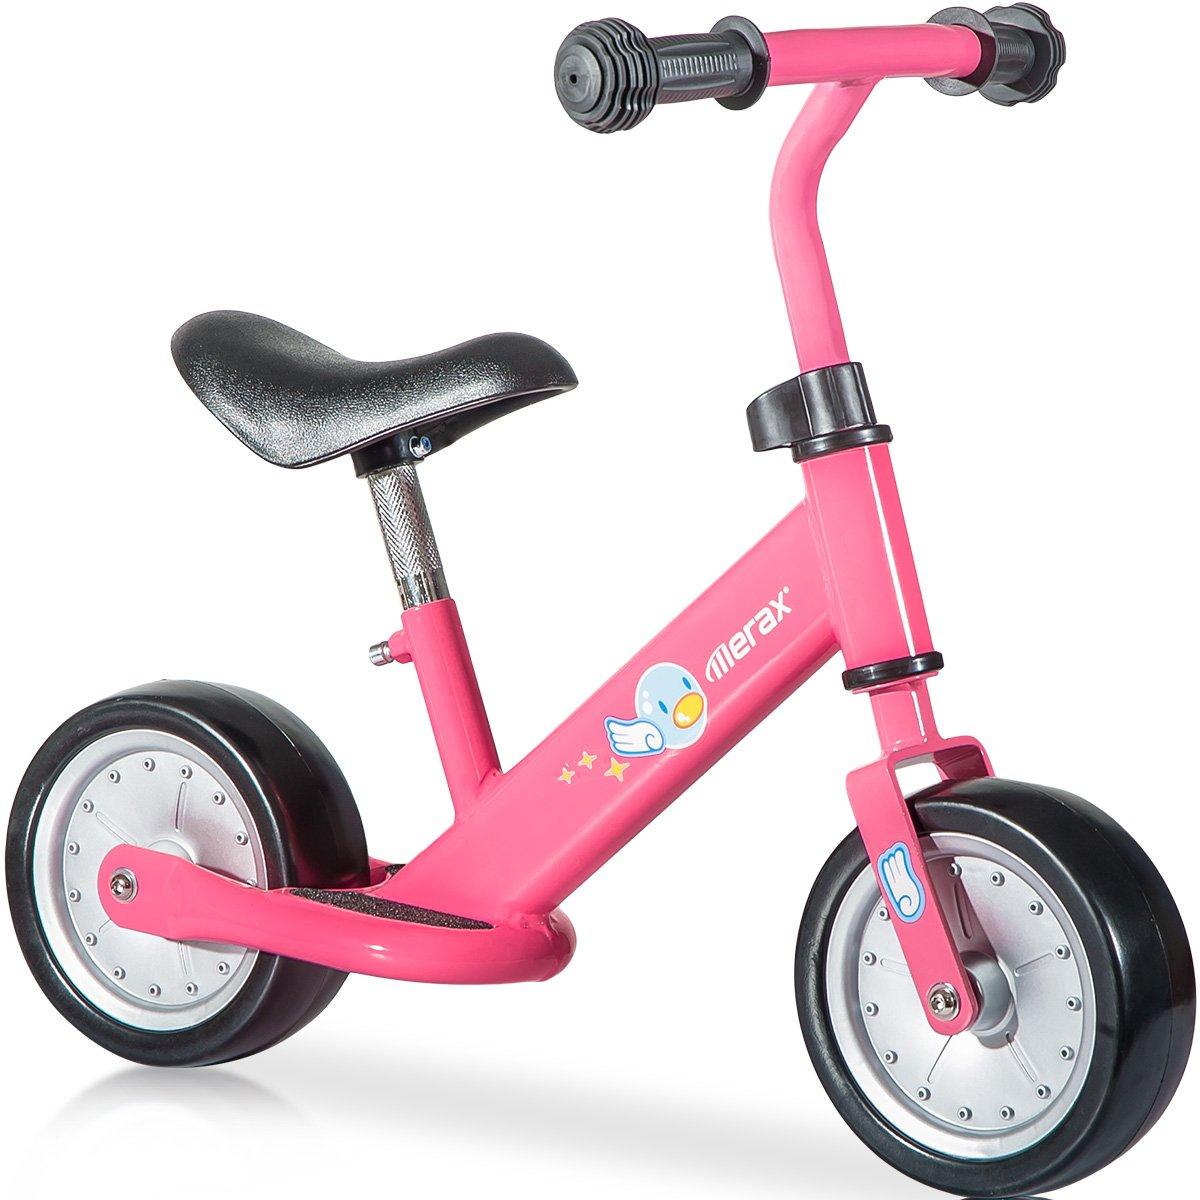 Merax No Pedal Balance Bike Walking Bicycle for Kids (Pink)